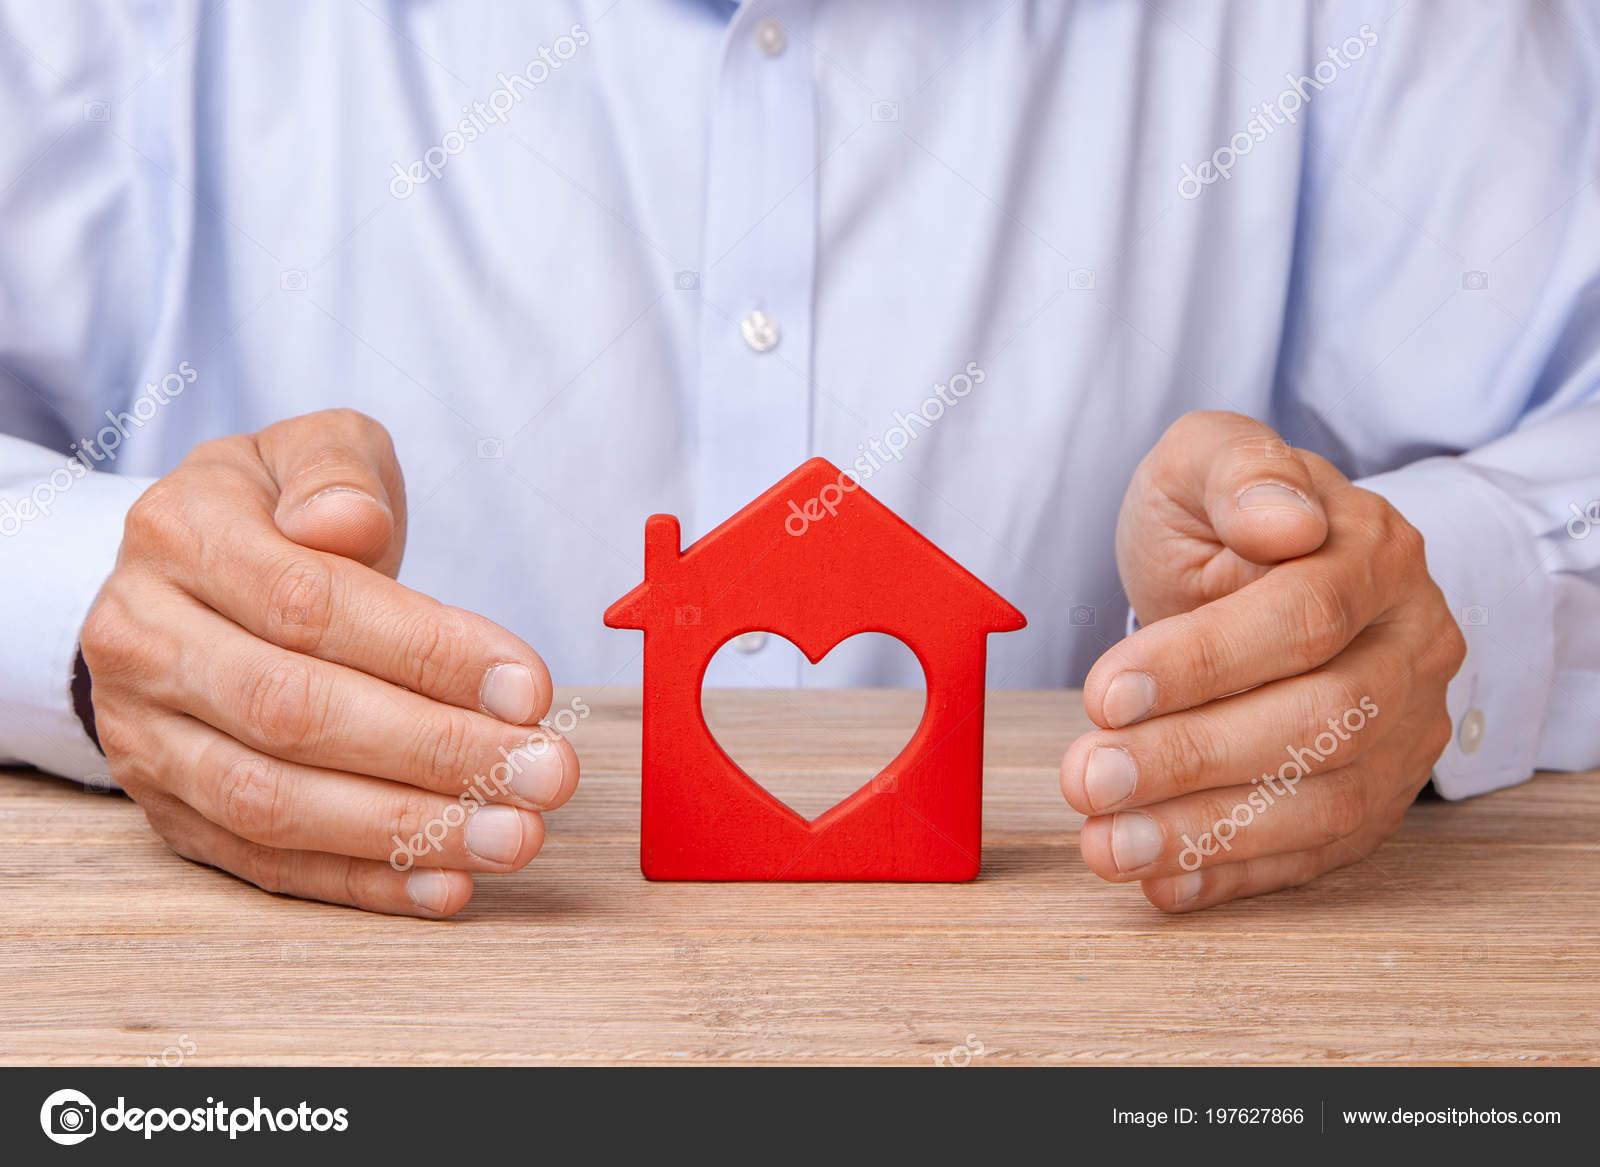 3780b69fbb6a5 Do seguro de casa conceito, proteção contra roubo ou destruição. O homem  com as